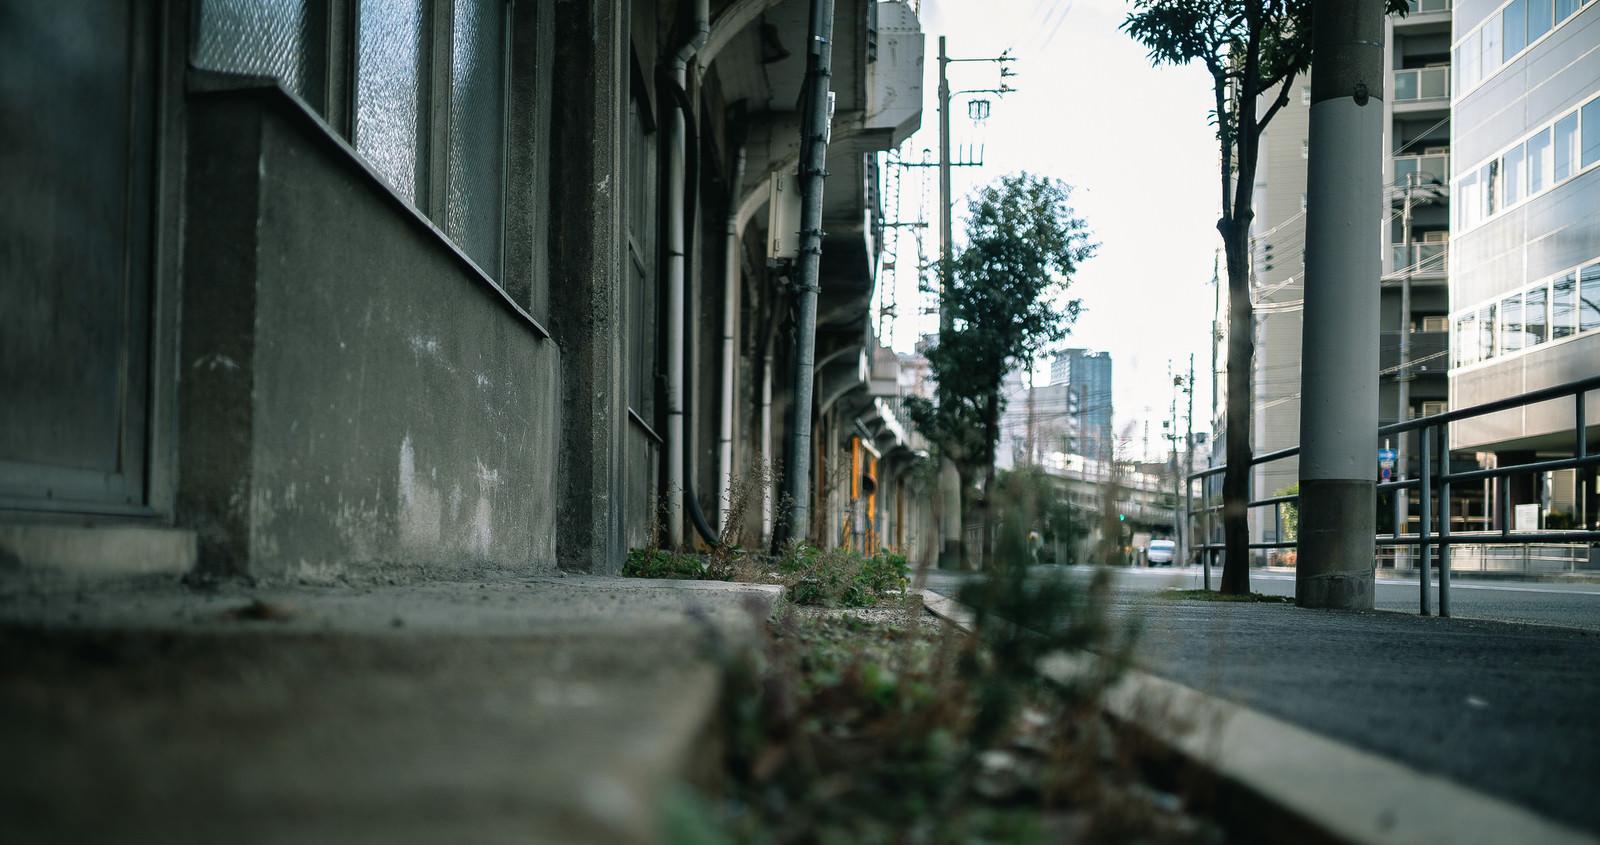 「高架下の店舗と歩道」の写真